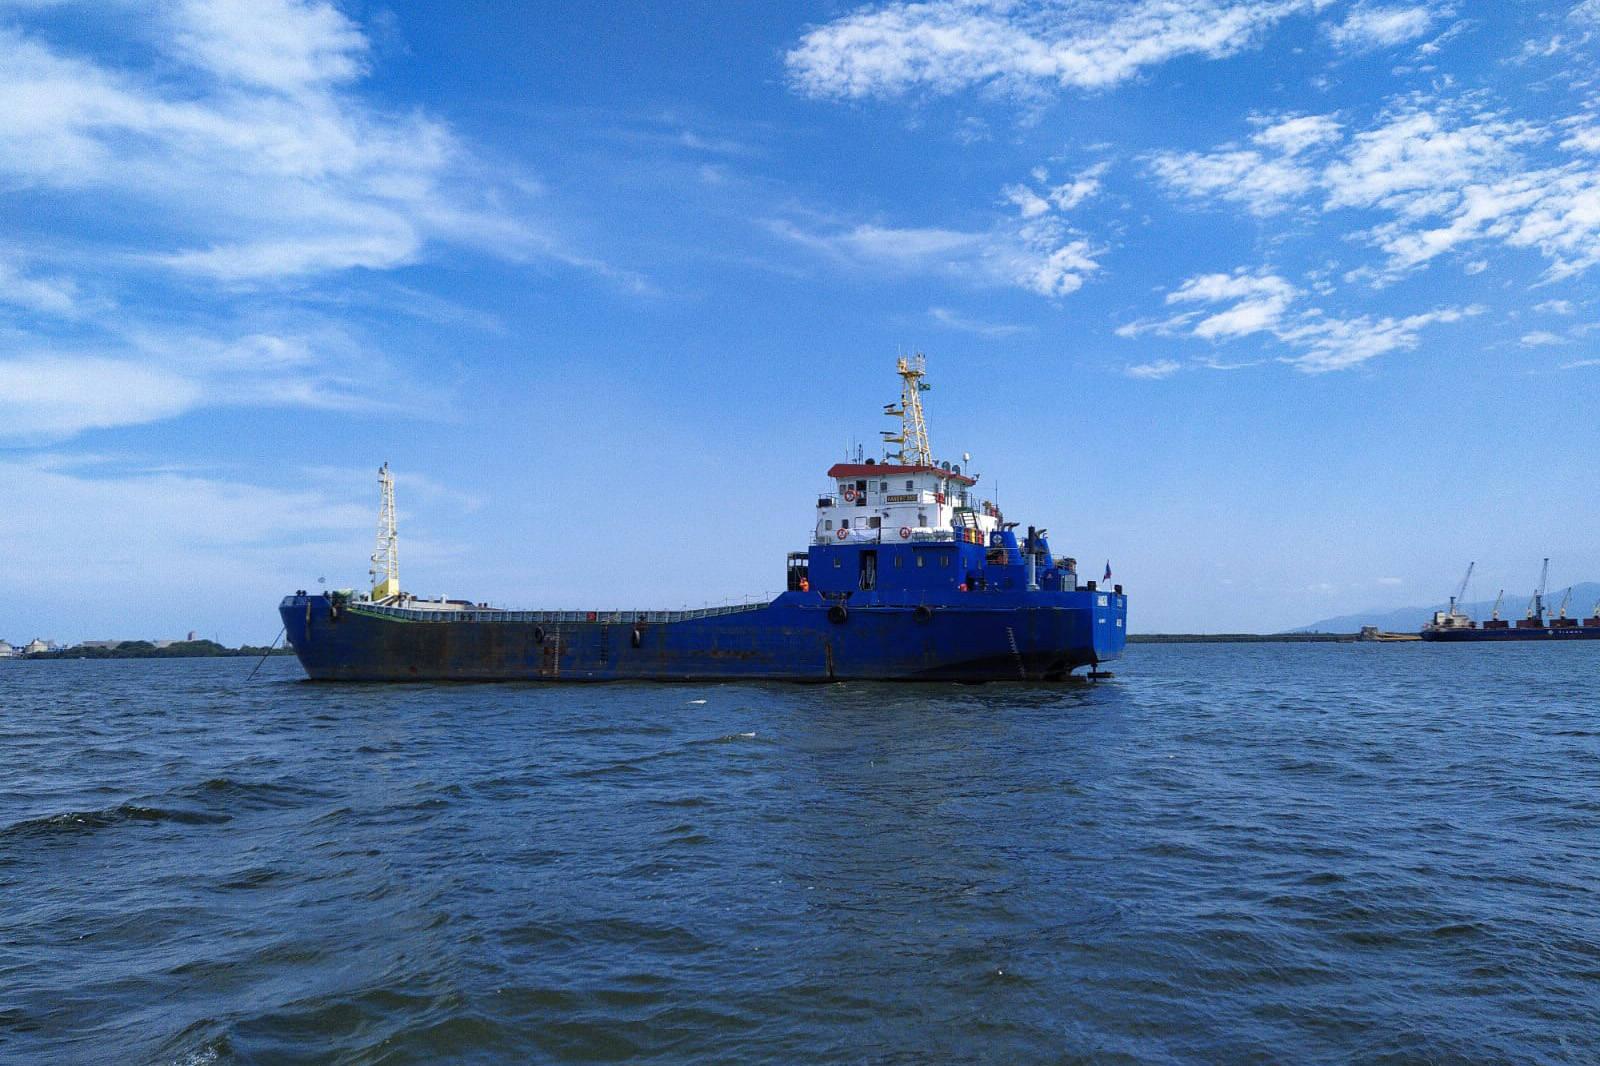 Esta é a primeira vez que uma Clamshell é utilizada nos portos paranaenses. A diferença entre essa e as embarcações comuns para execução deste serviço é a precisão e a segurança para dragar mais próximo ao costado, reduzindo riscos às estruturas fixas.